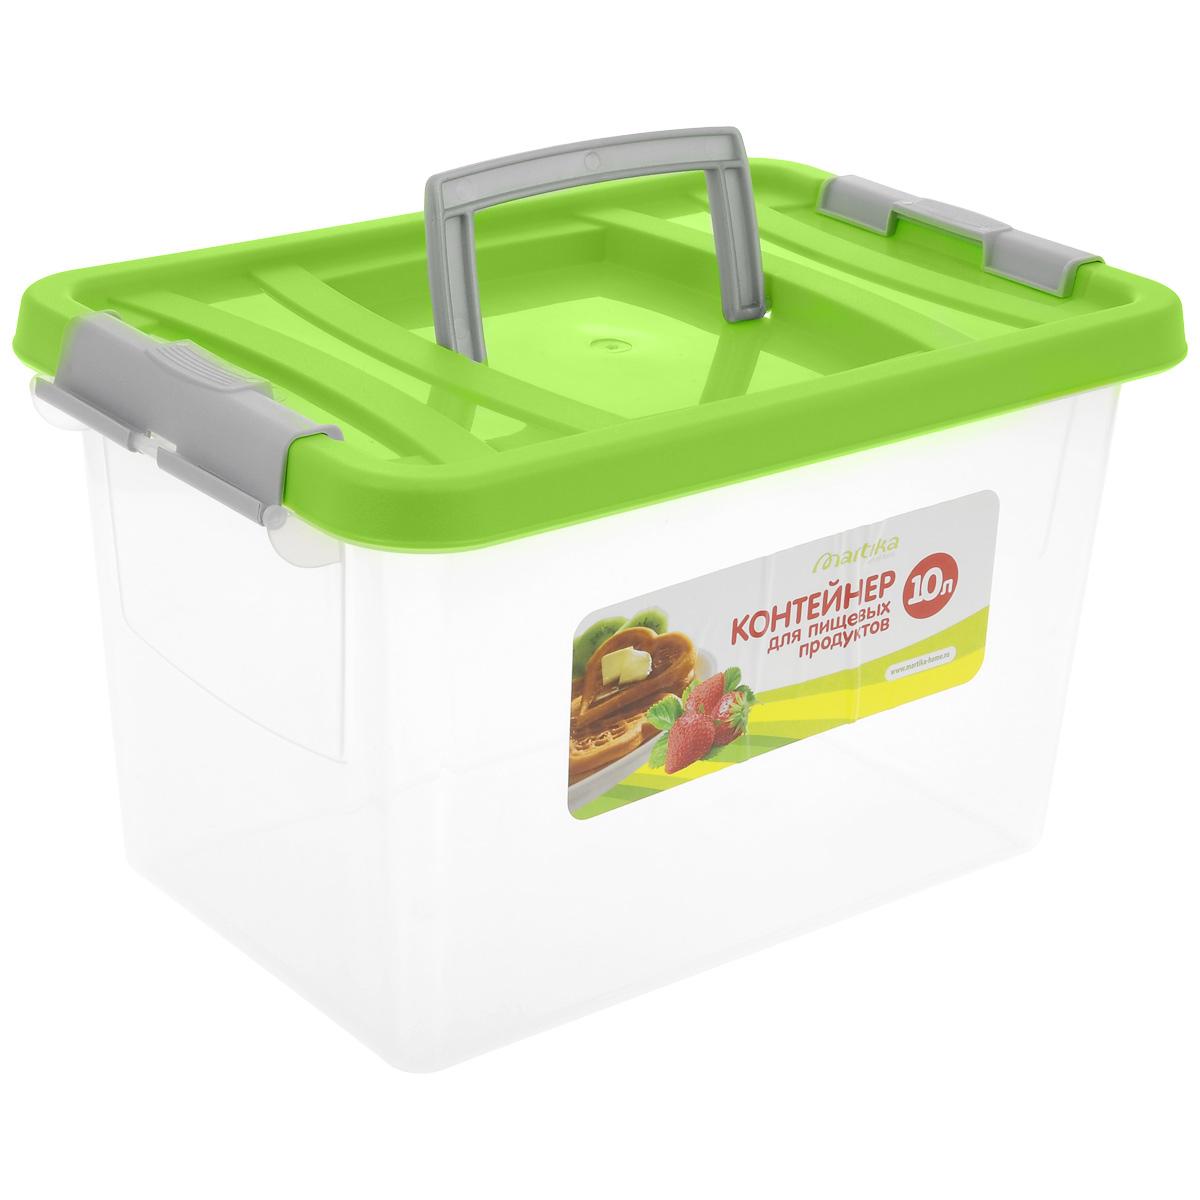 """Контейнер """"Martika"""" прямоугольной формы предназначен специально для хранения пищевых  продуктов. Устойчив к воздействию масел и жиров, легко моется (можно мыть в посудомоечной  машине). Крышка легко открывается и плотно закрывается. Имеются удобные ручки.  Прозрачные стенки позволяют видеть содержимое. Контейнер имеет возможность хранения  продуктов глубокой заморозки, обладает высокой прочностью. Диапазон температур для  эксплуатации - от -40°С до +100°С. Контейнер необыкновенно удобен: его можно  брать на пикник, за город, в поход.  Объем: 10 л."""